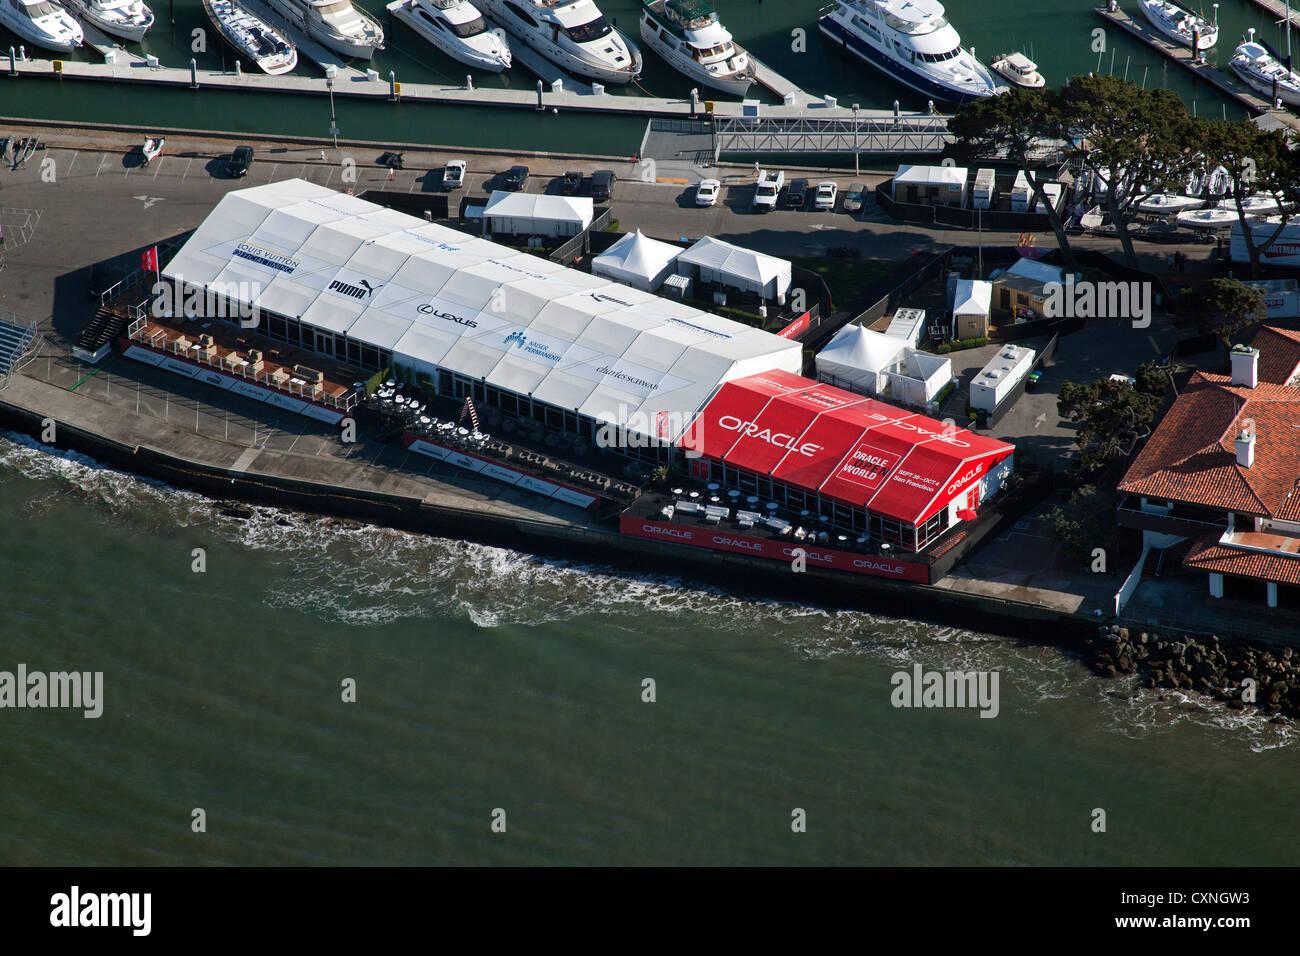 Fotografia aerea Americas Cup regata di barche a vela la baia di San Francisco in California Immagini Stock